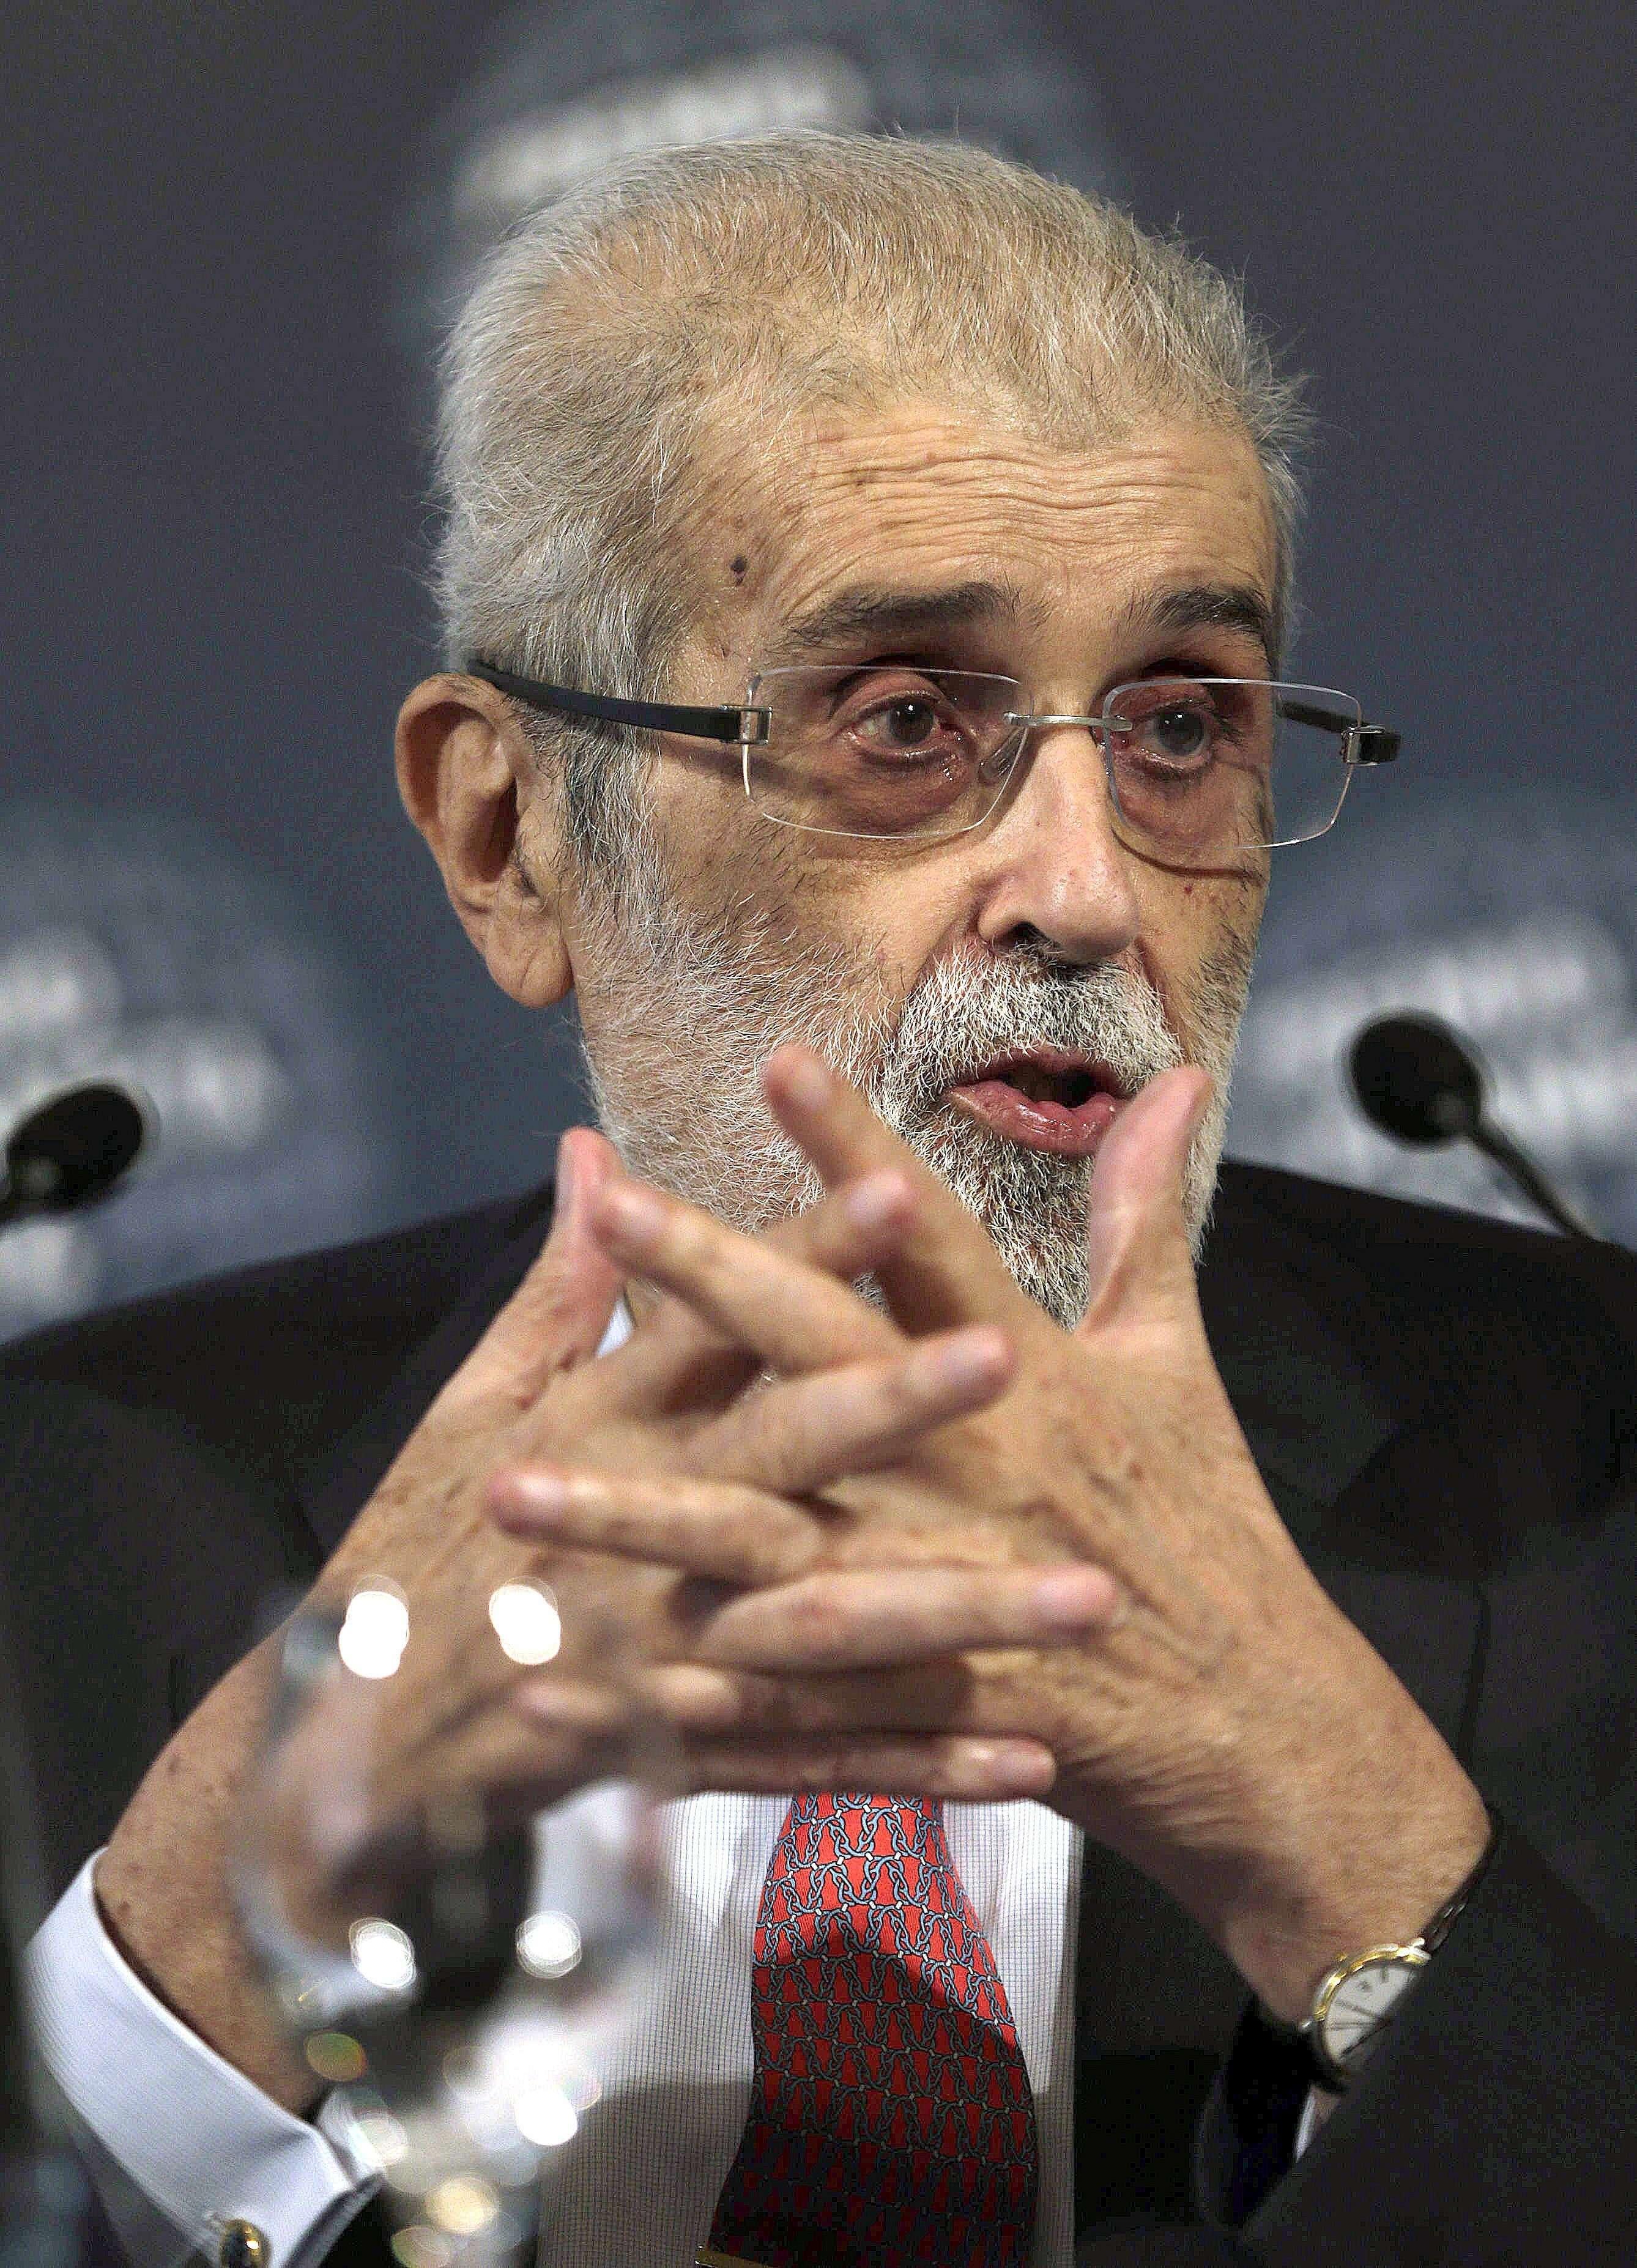 Fotografía de archivo del 14 de octubre de 2014 del empresario y editor del Grupo Planeta José Manuel Lara que ha fallecido hoy en Barcelona a los 68 años. Foto: EFE/Archivo